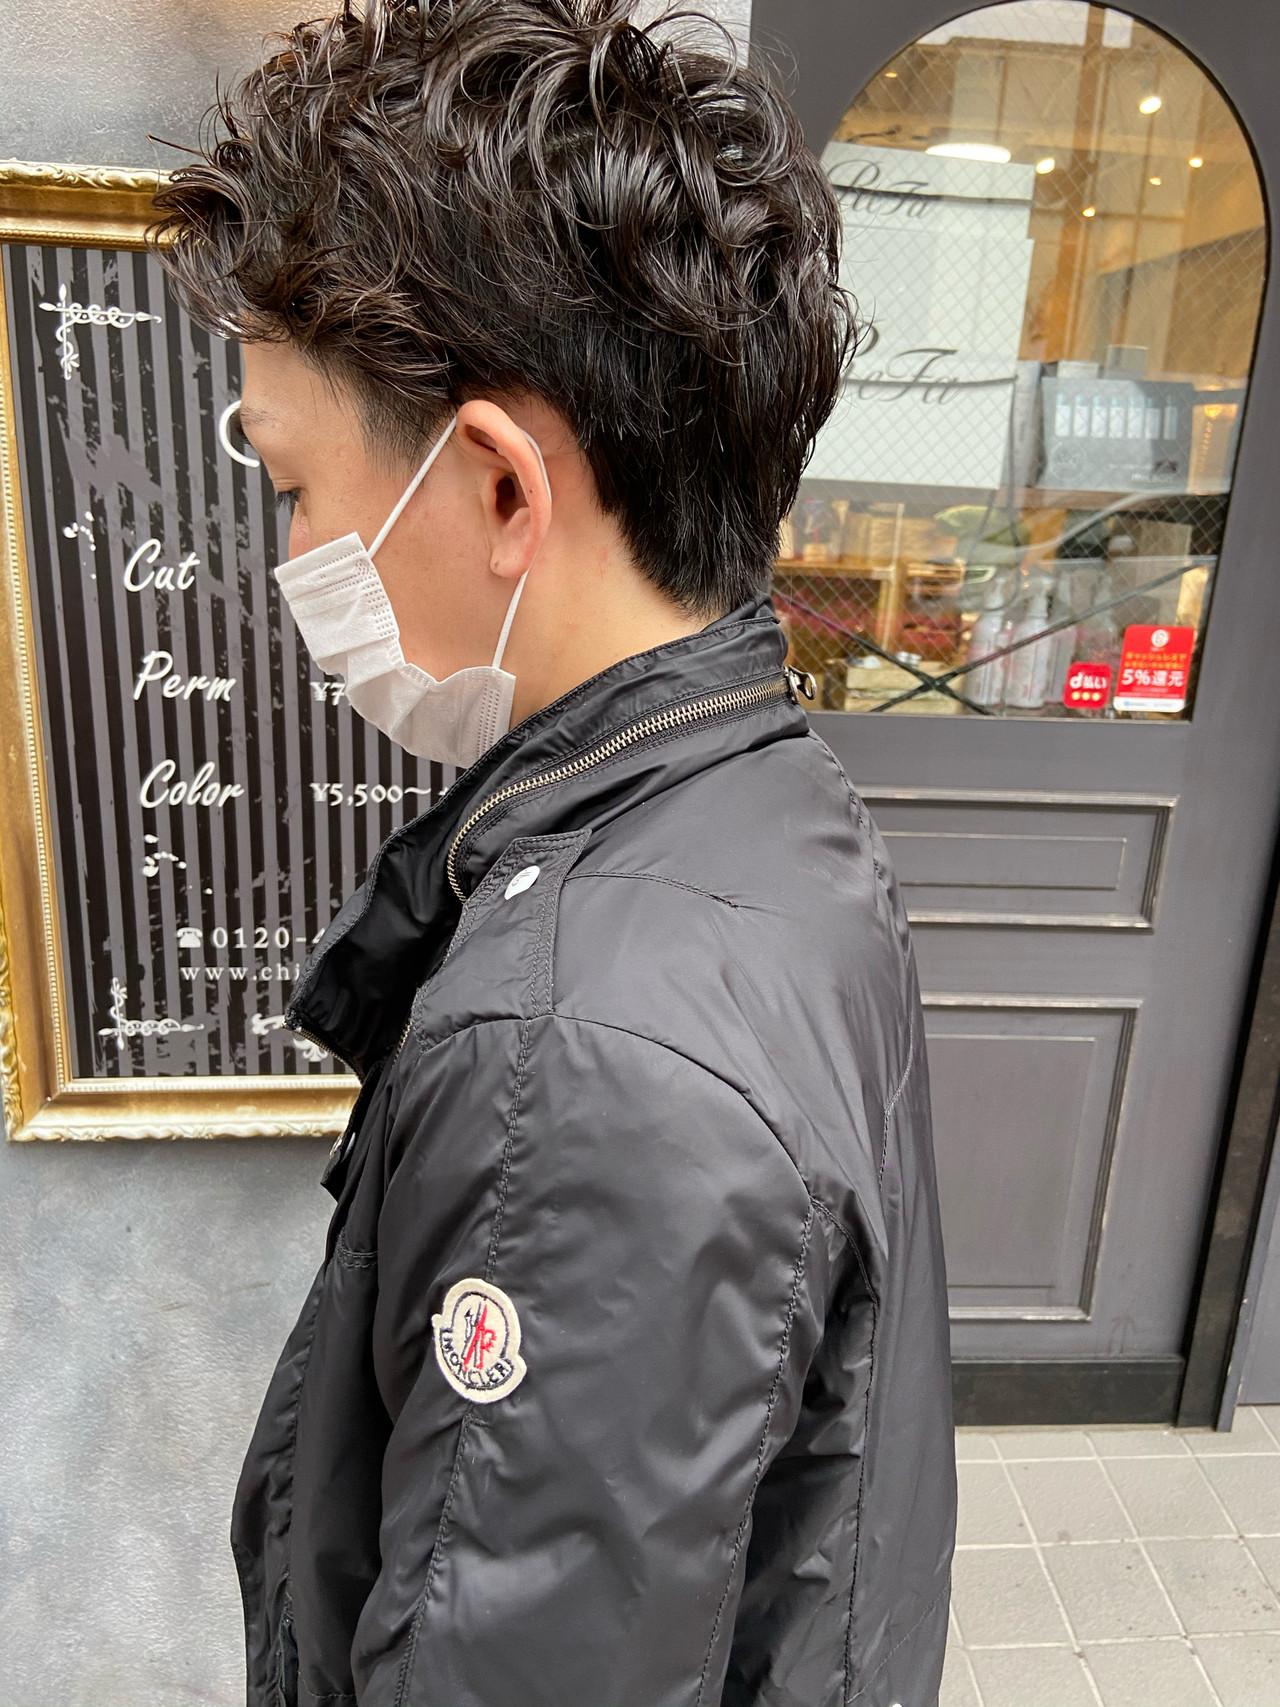 メンズカット メンズヘア メンズ ショート ヘアスタイルや髪型の写真・画像 | haruhi / CHIC feux